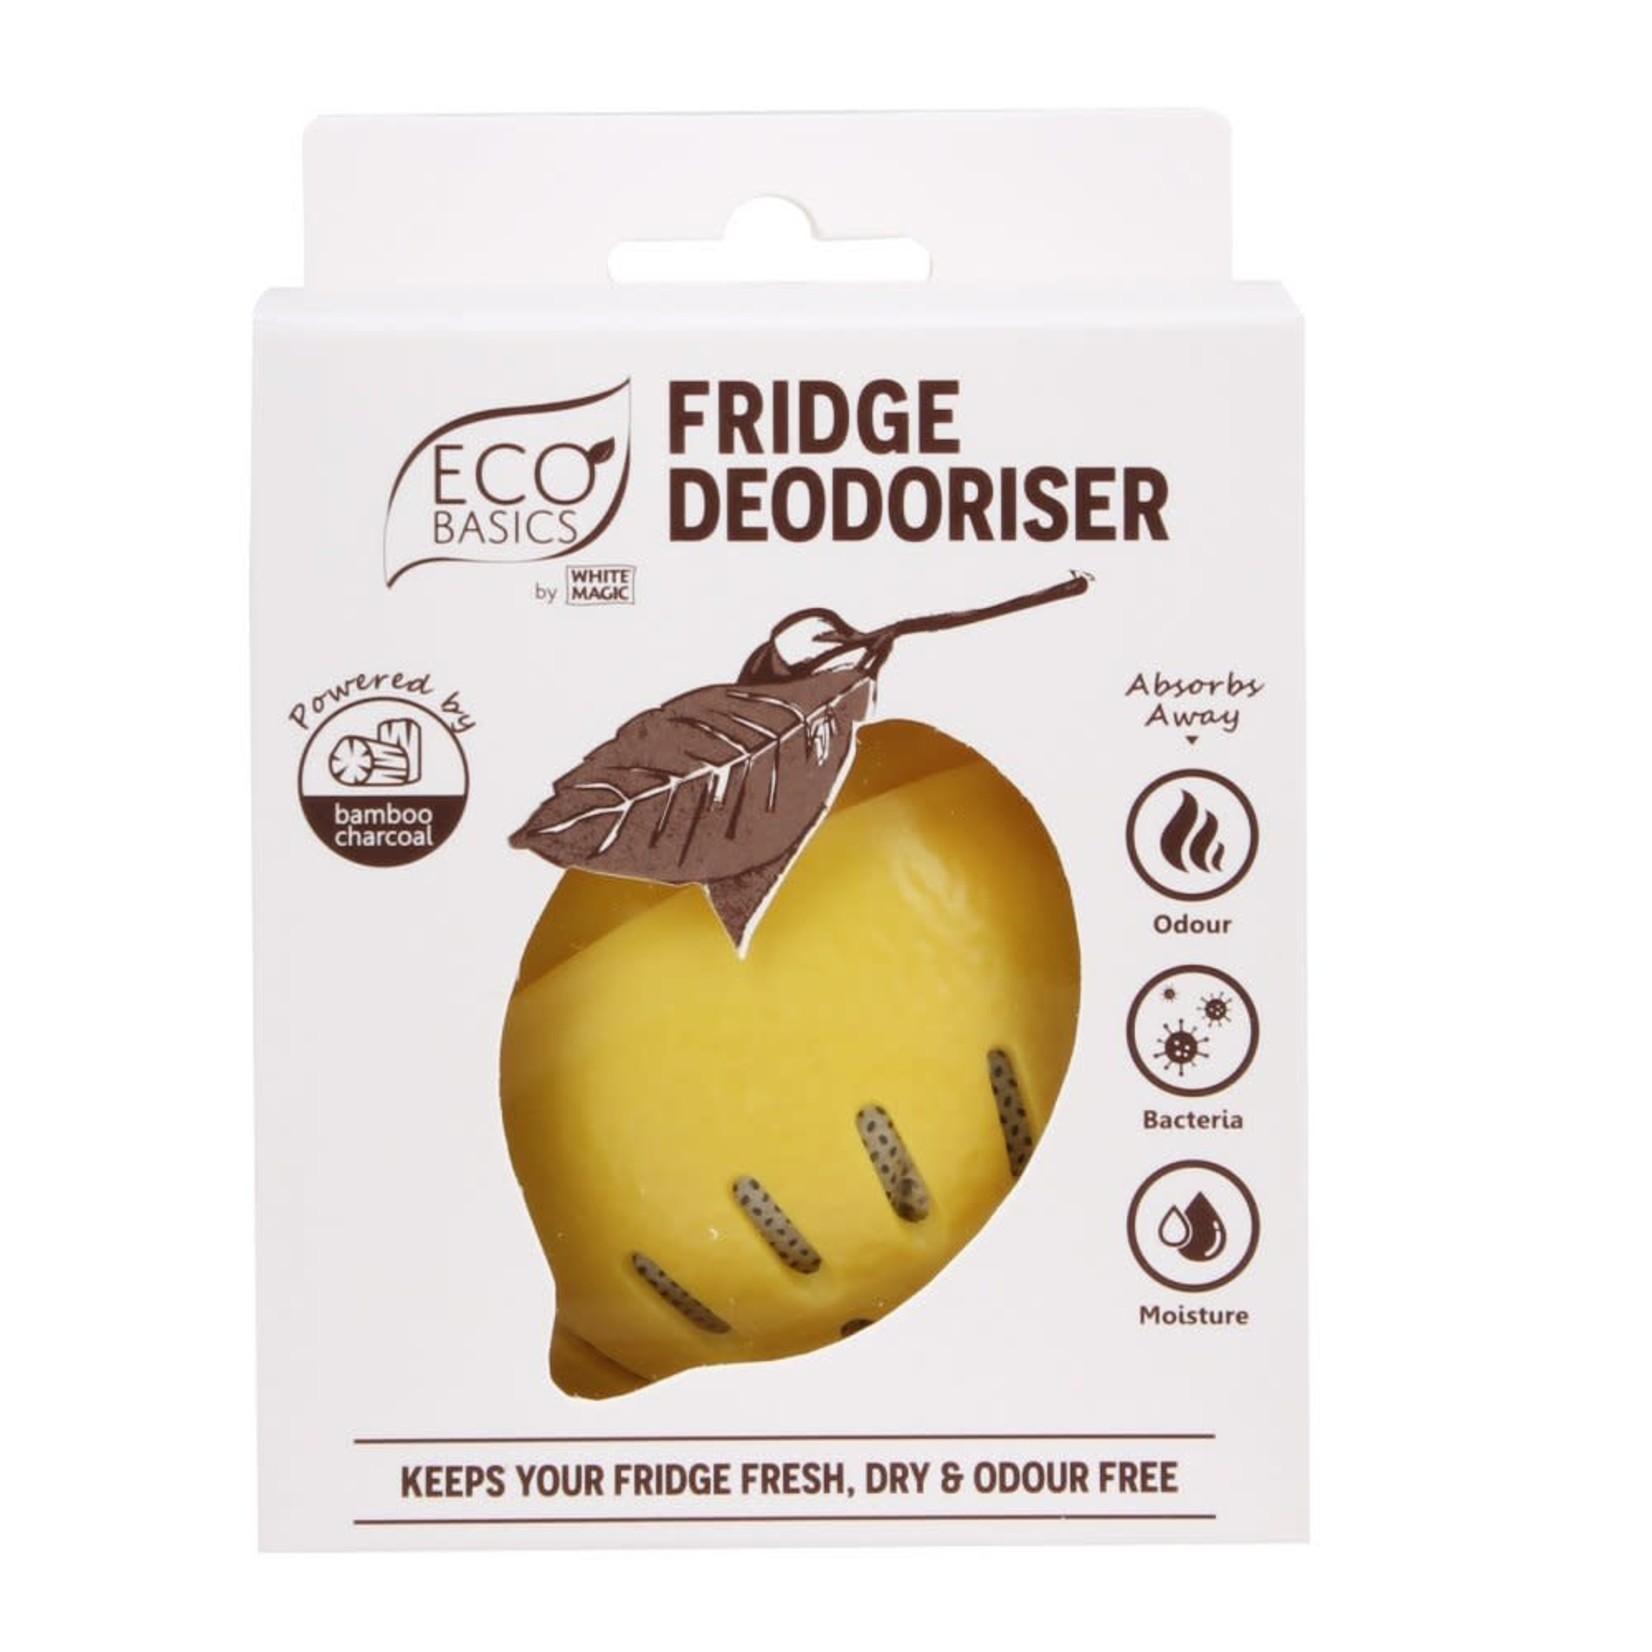 Eco Basics Eco Basics Fridge Deodoriser